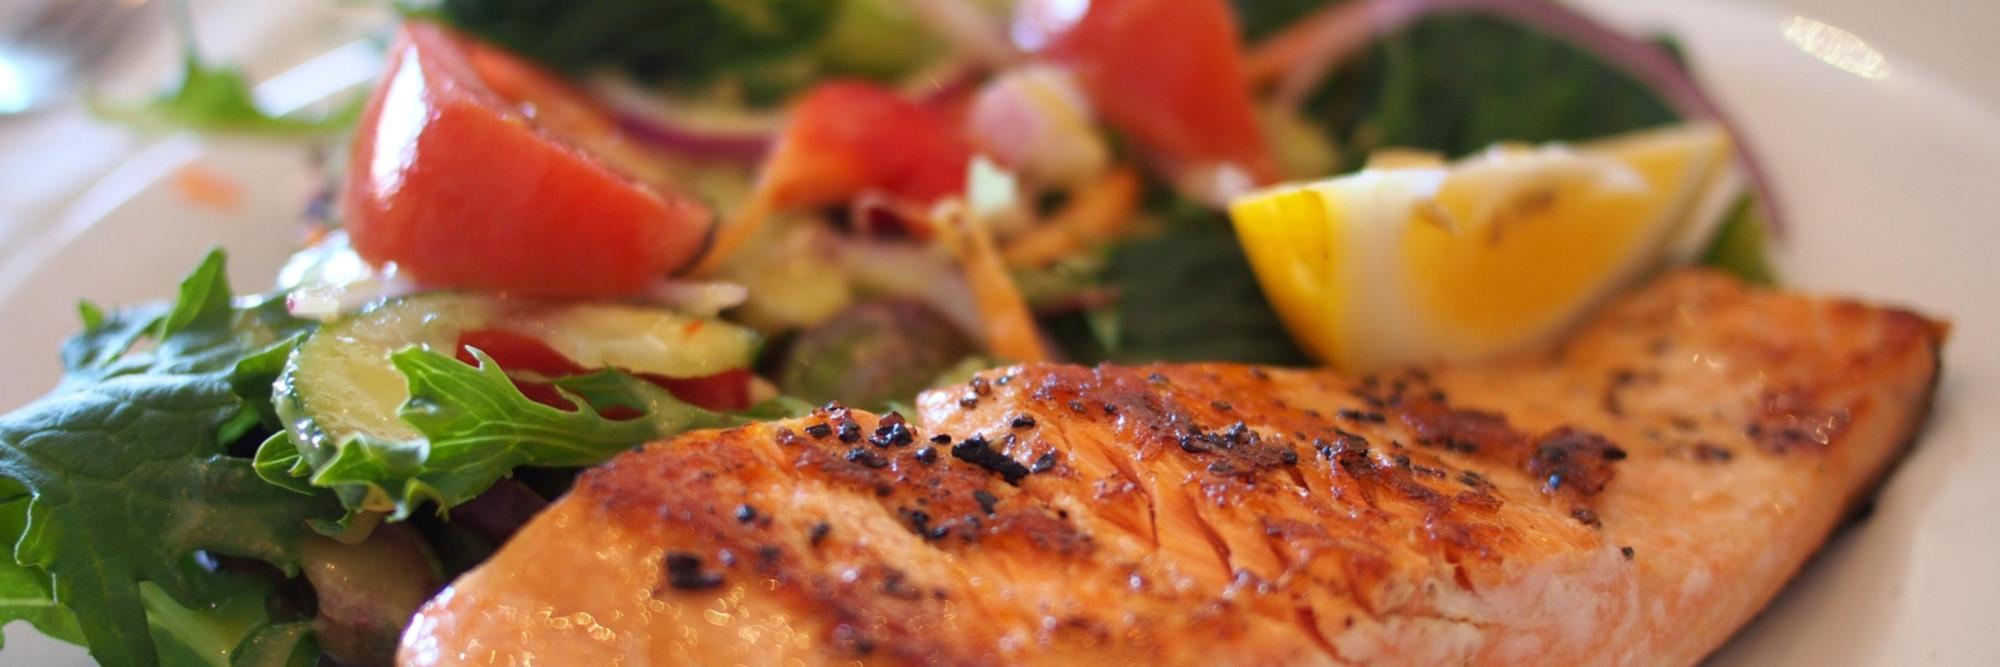 Detailfoto eines schmackhaften Mittagsmenüs - gebratenes Lachsfilet mit einem frischen Salat.